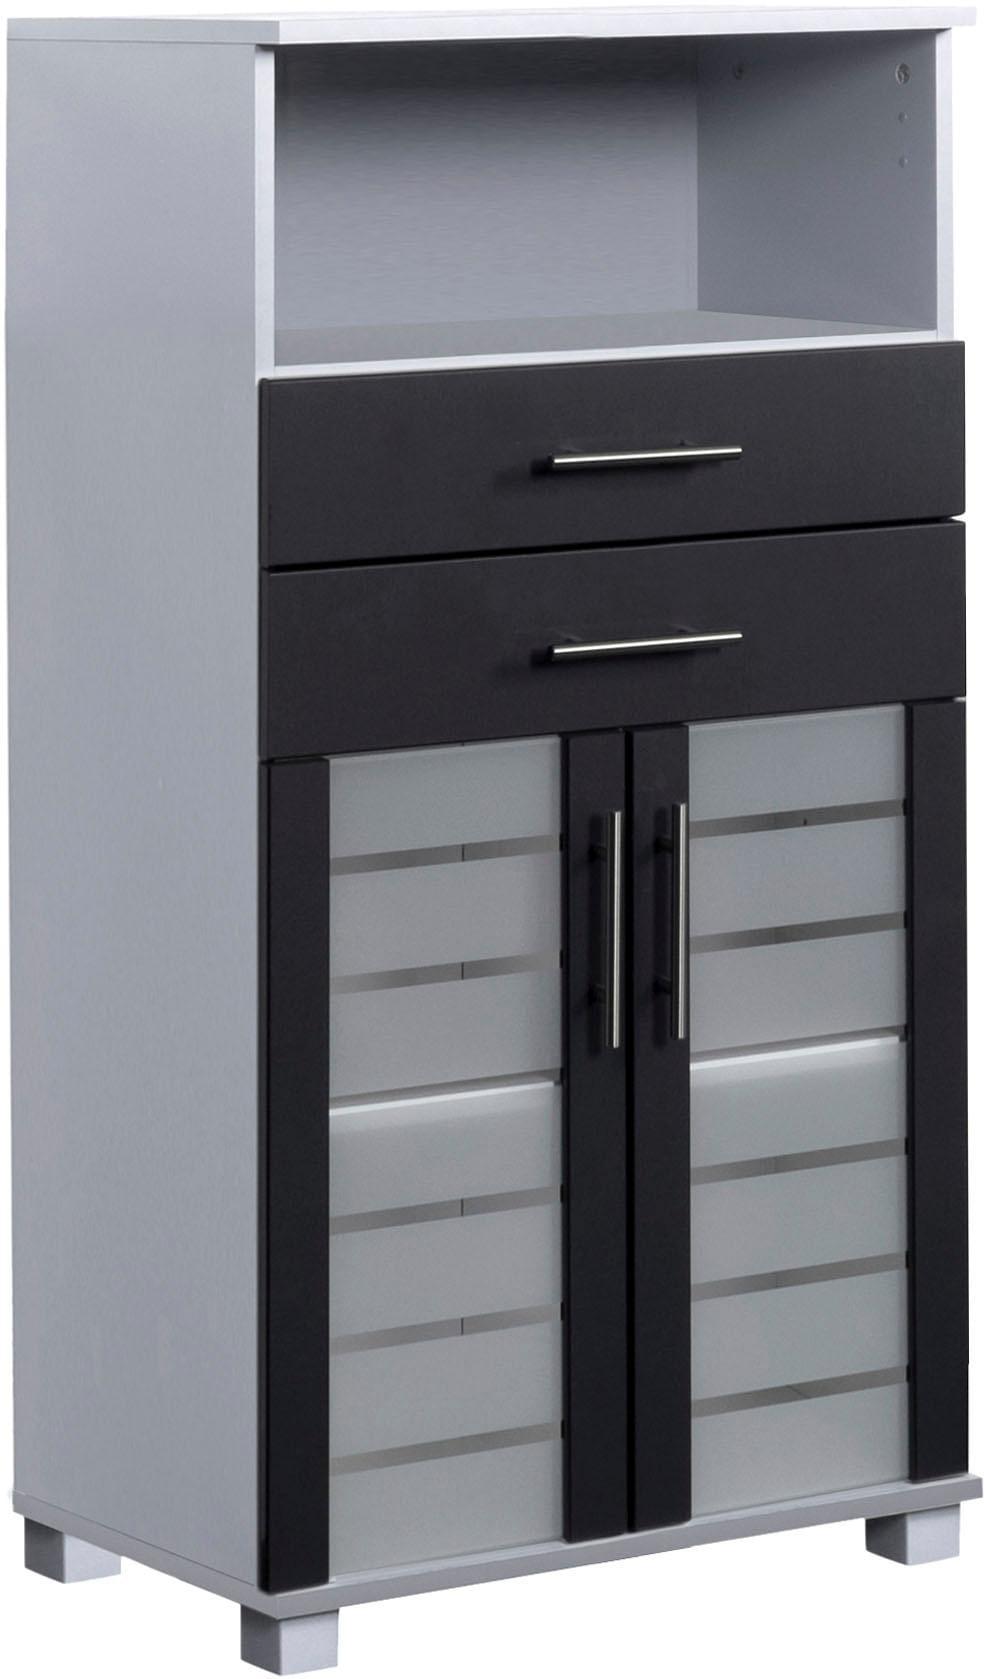 schildmeyer midischrank nikosia auf rechnung kaufen. Black Bedroom Furniture Sets. Home Design Ideas